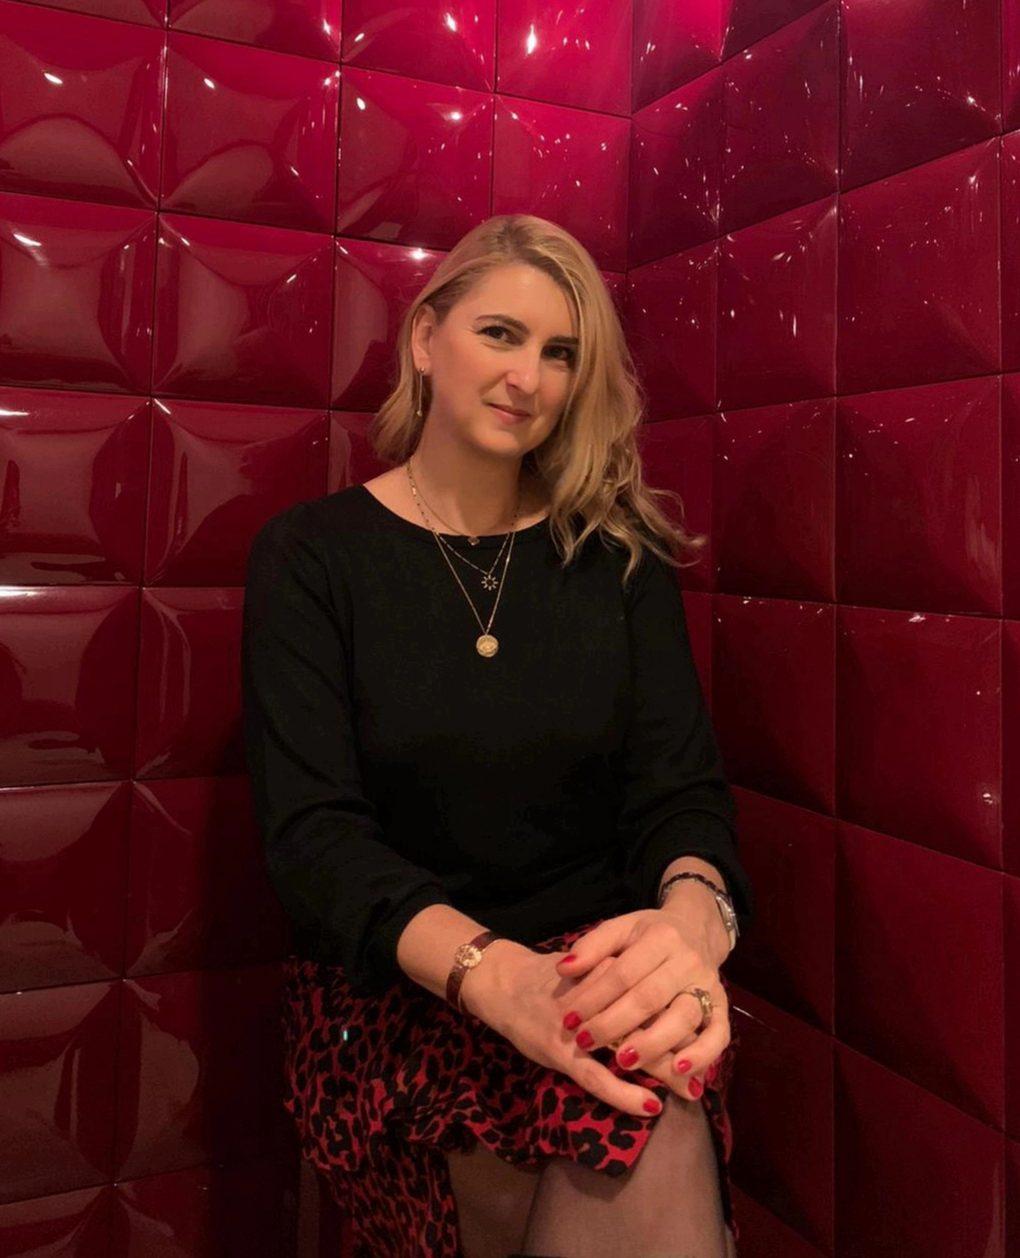 On s'appelle ? Episode 4 : Sophie Frilley, directrice générale de TitraFilm